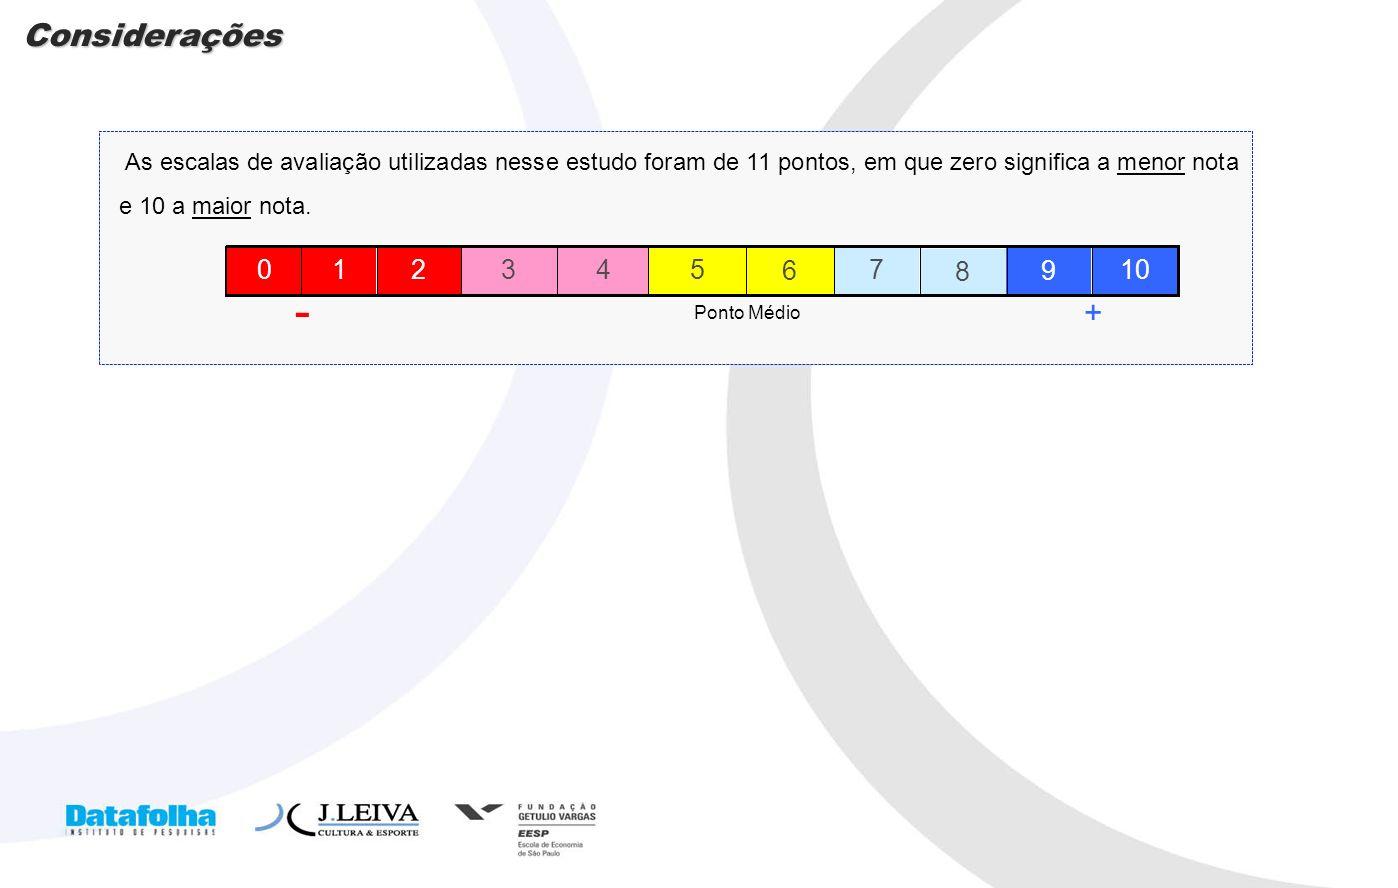 ConsideraçõesAs escalas de avaliação utilizadas nesse estudo foram de 11 pontos, em que zero significa a menor nota e 10 a maior nota.